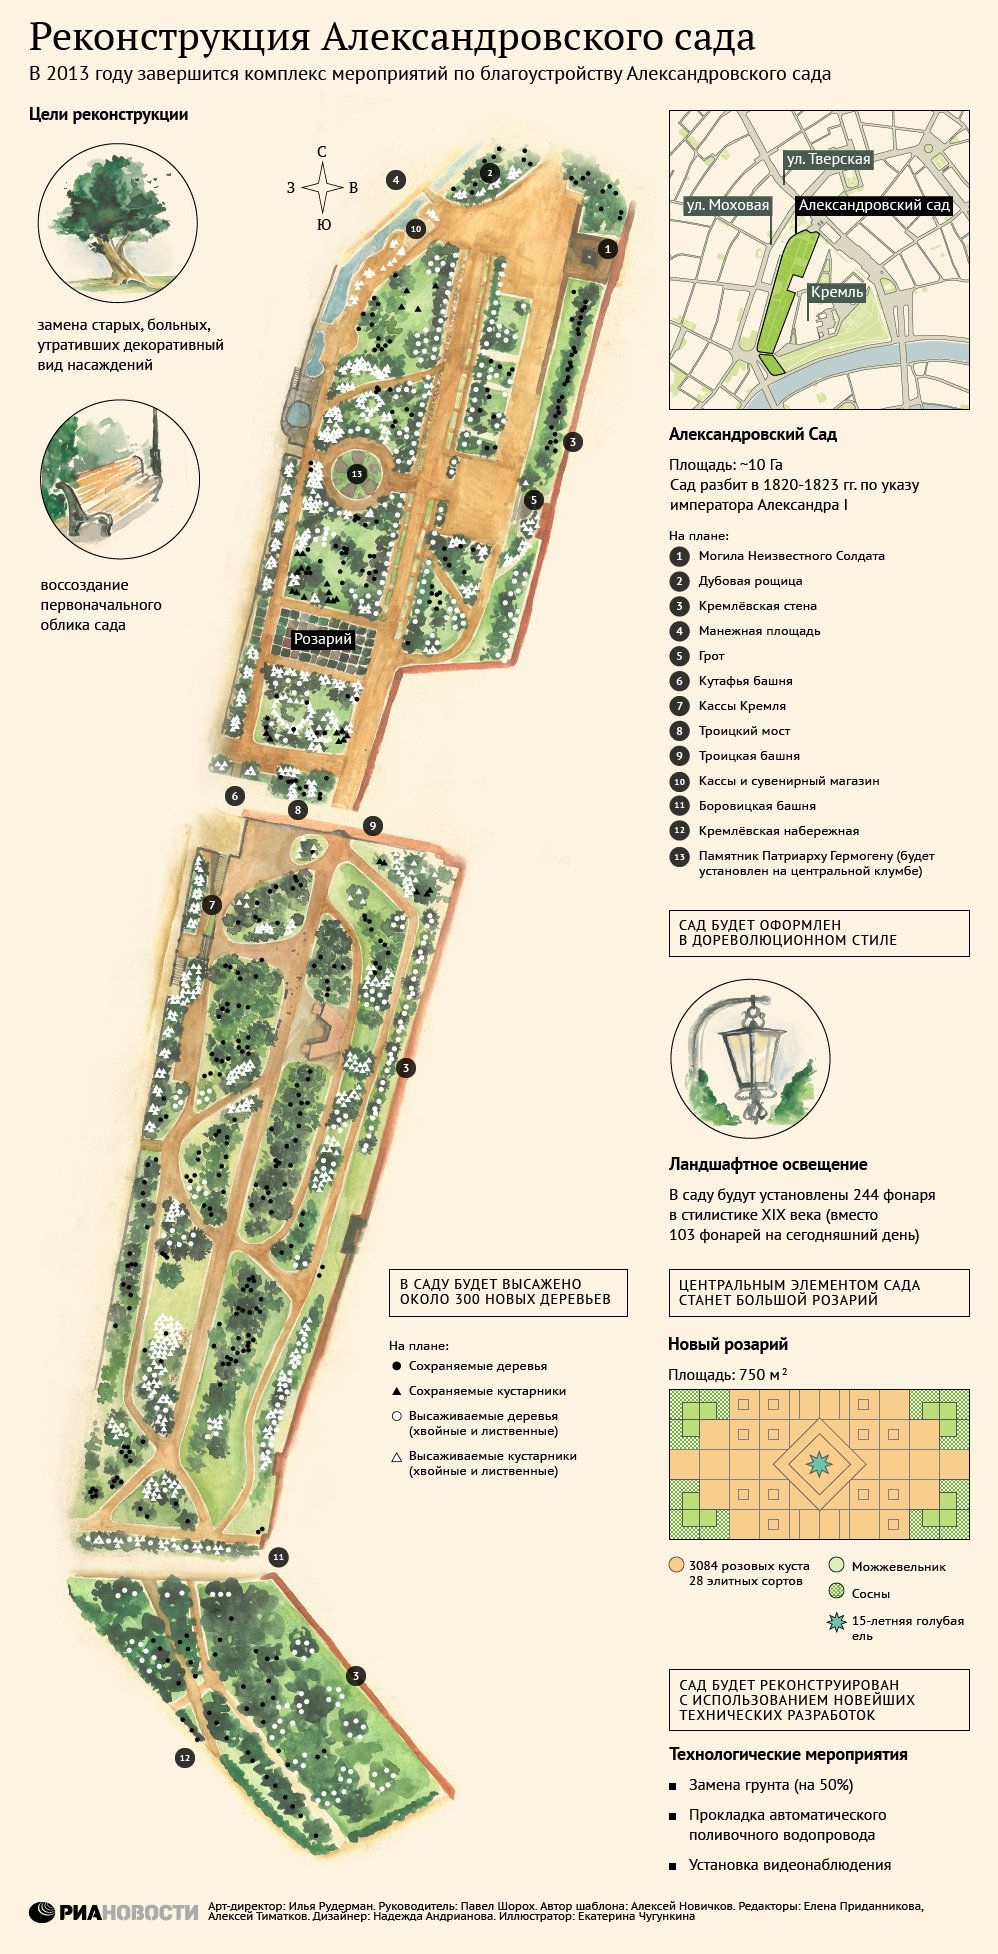 александровский сад москва гугл карты медико-социальные учреждения, которых